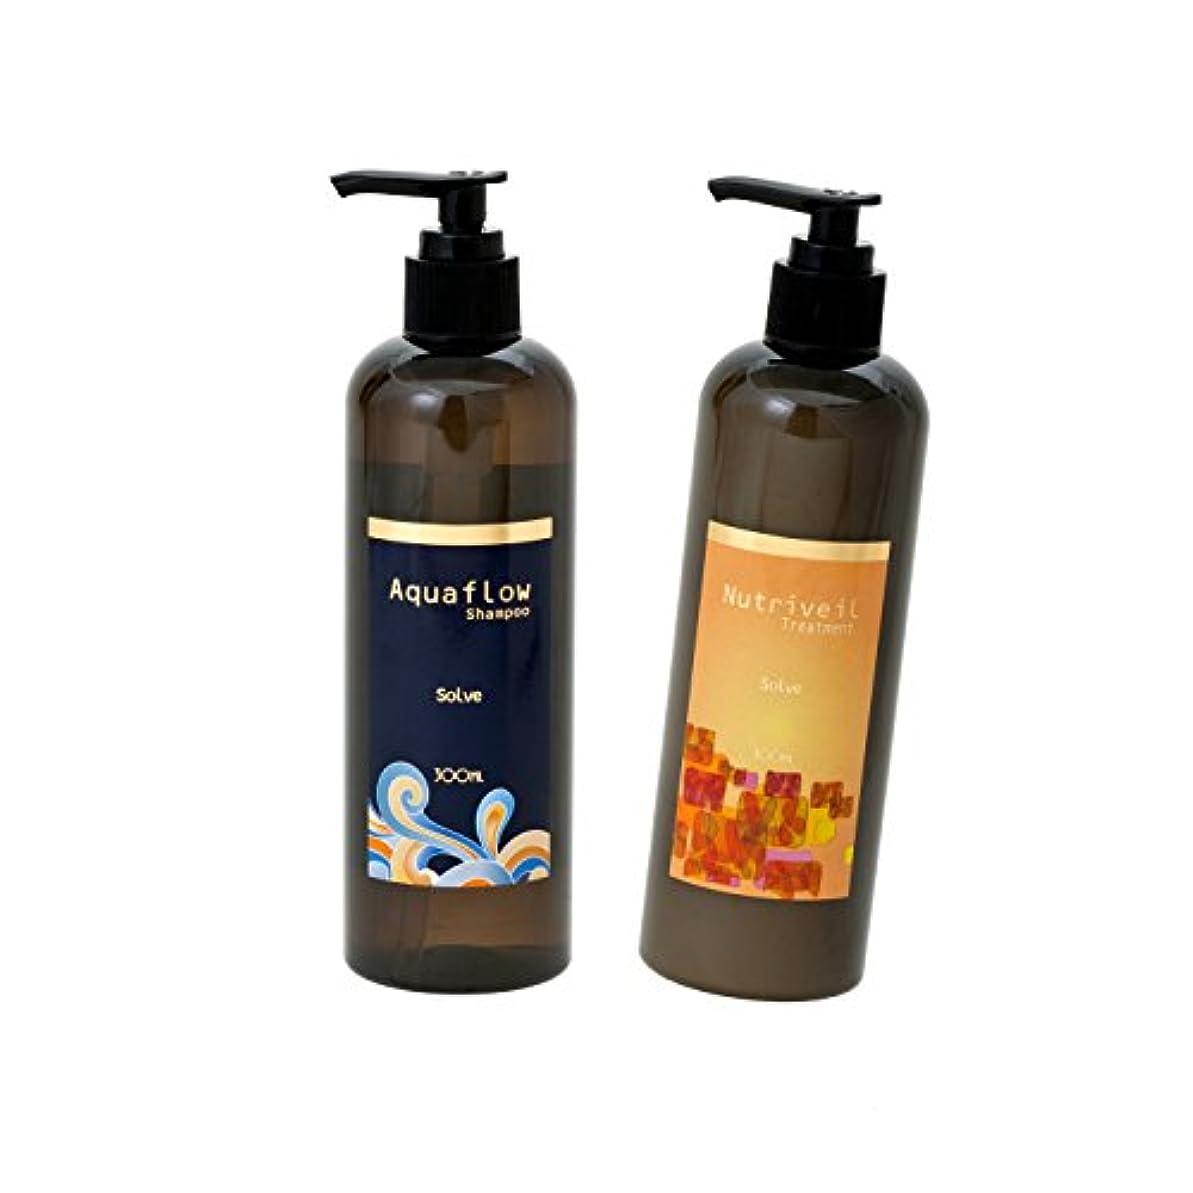 ホット羊のマントル縮毛矯正した髪を栄養そのもので洗うsolve|ソルブシャンプー「Aquaflow_アクアフロー」ソルブトリートメント「Nutriveil_ニュートリヴェール」セット|カラーの繰り返しで大きくダメージした髪のケアにも。 (300ml_set)